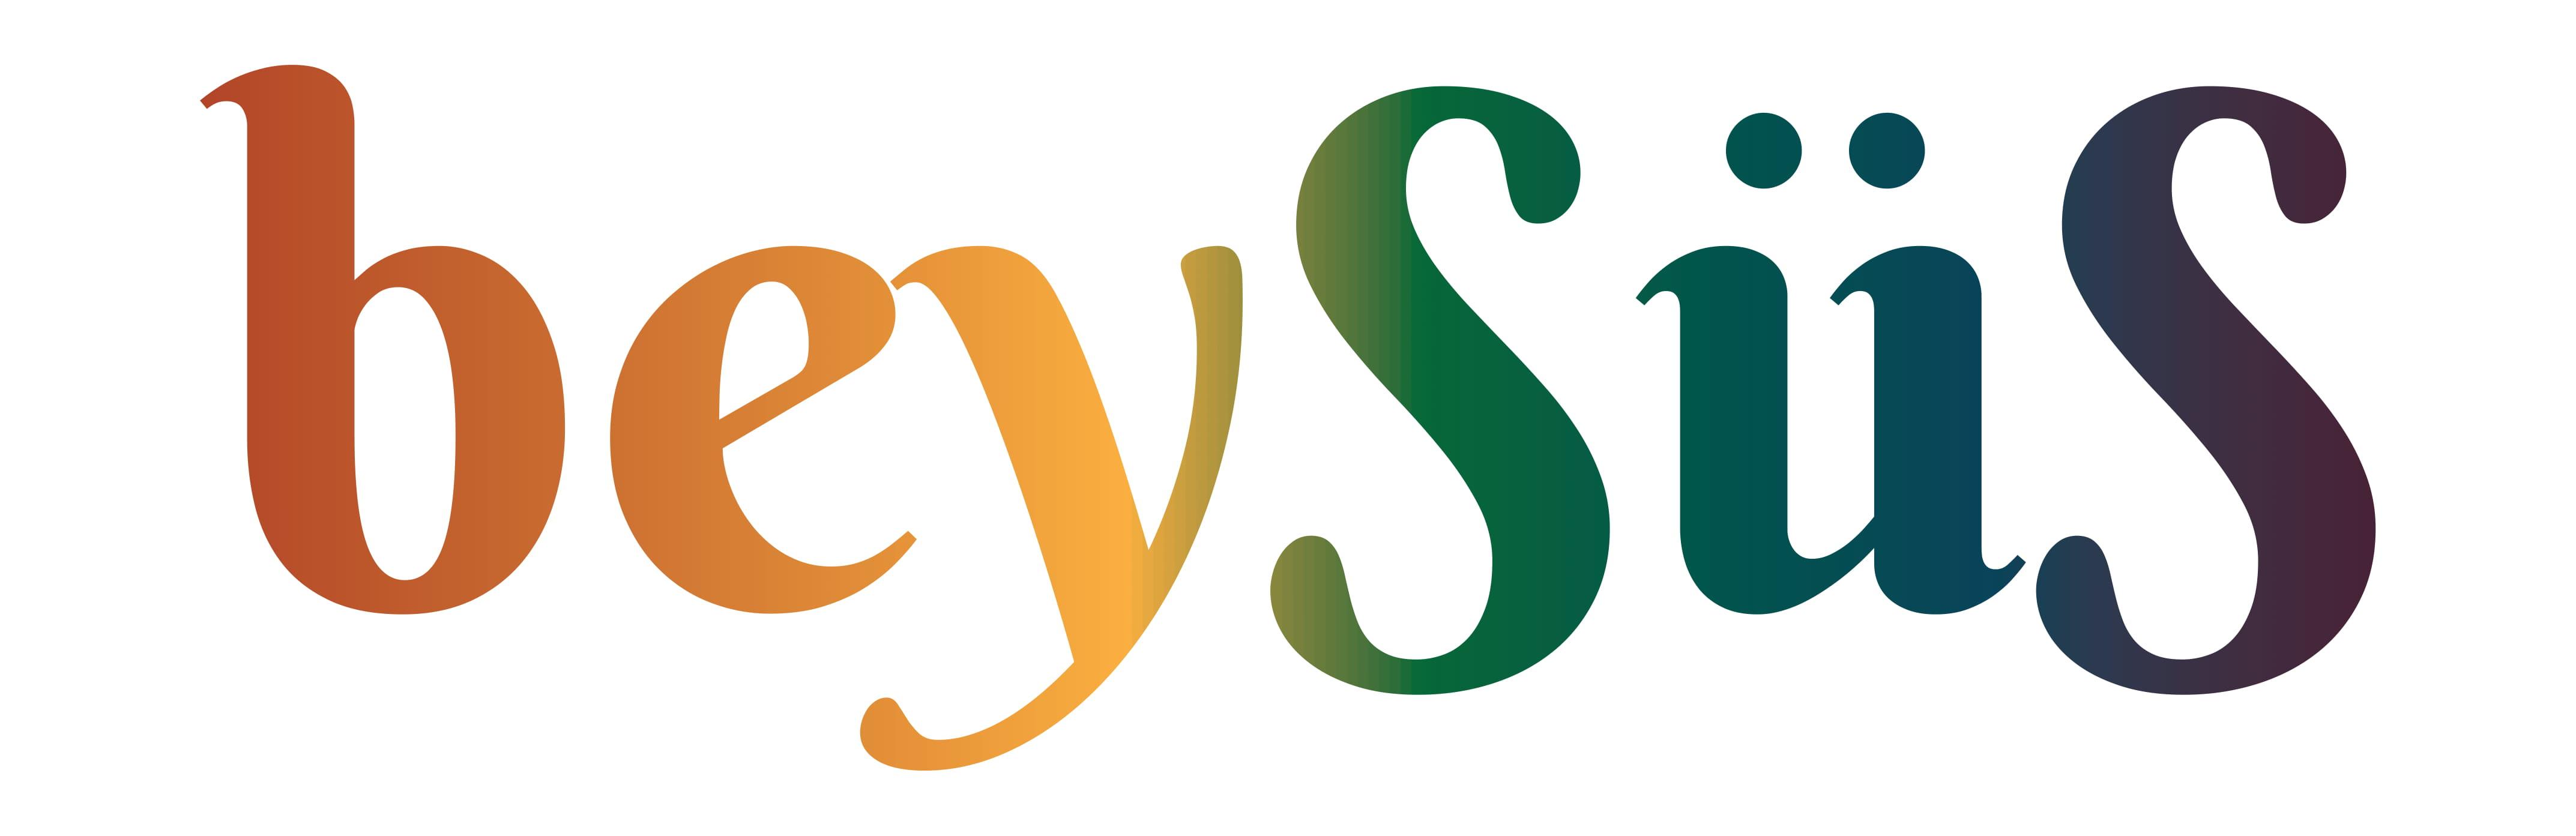 beysus logo-1.jpg (151 KB)